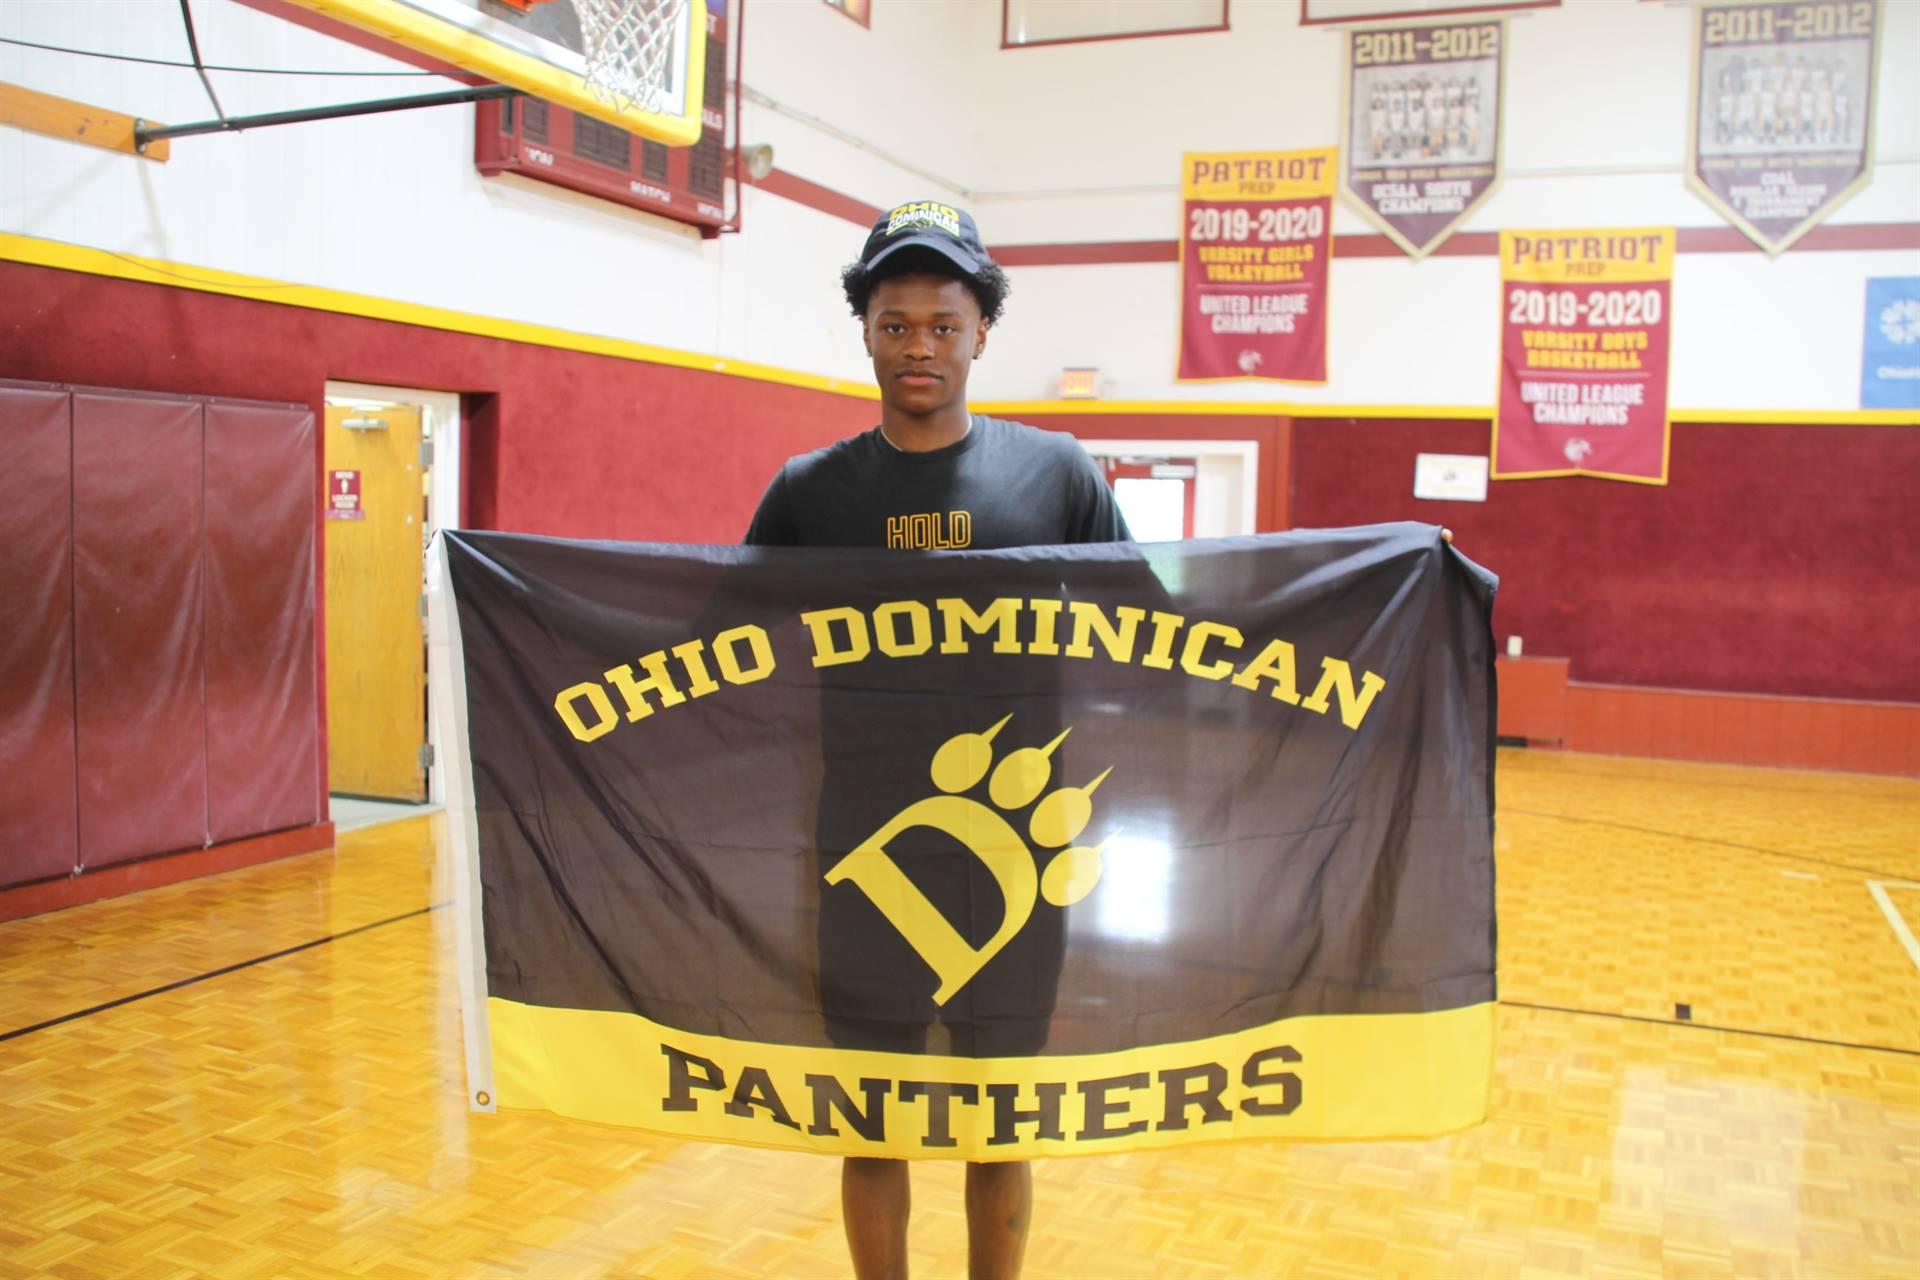 student holding ODU flag